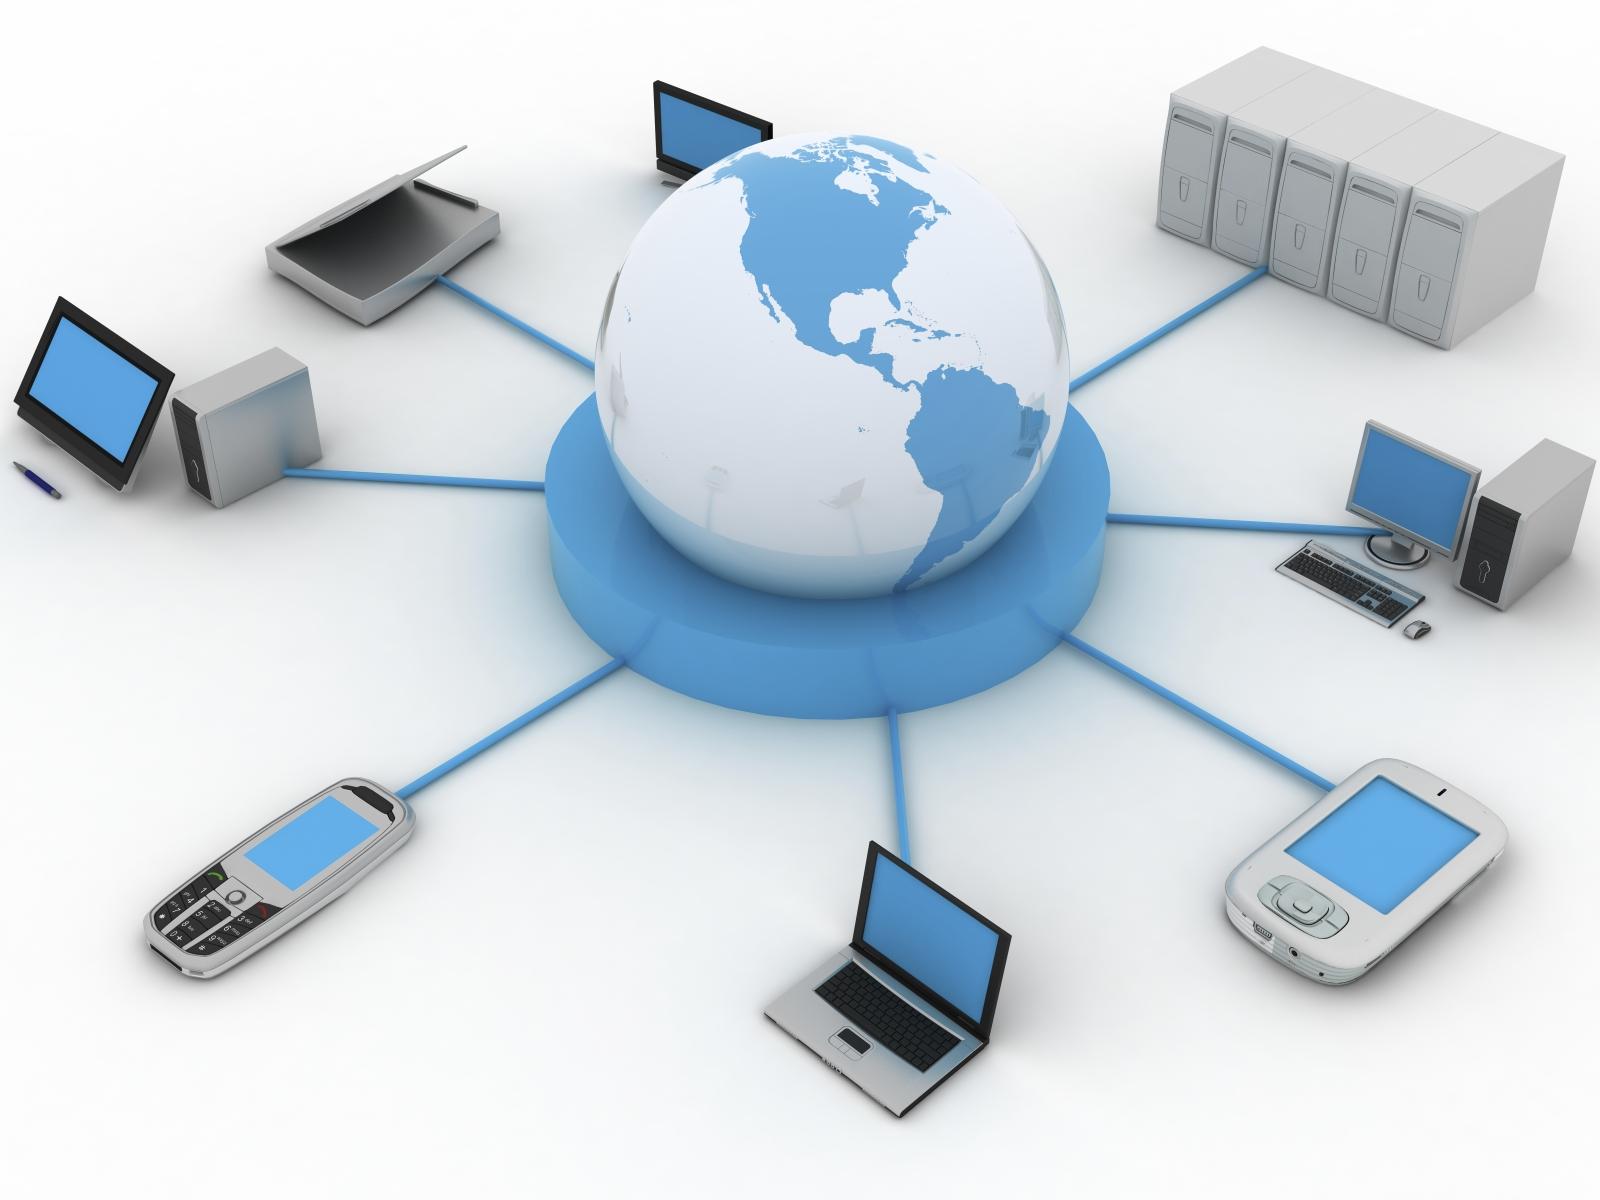 Hasil gambar untuk gambar telekomunikasi dan jaringan sistem informasi manajemen - jaringansisteminformasimanajemen